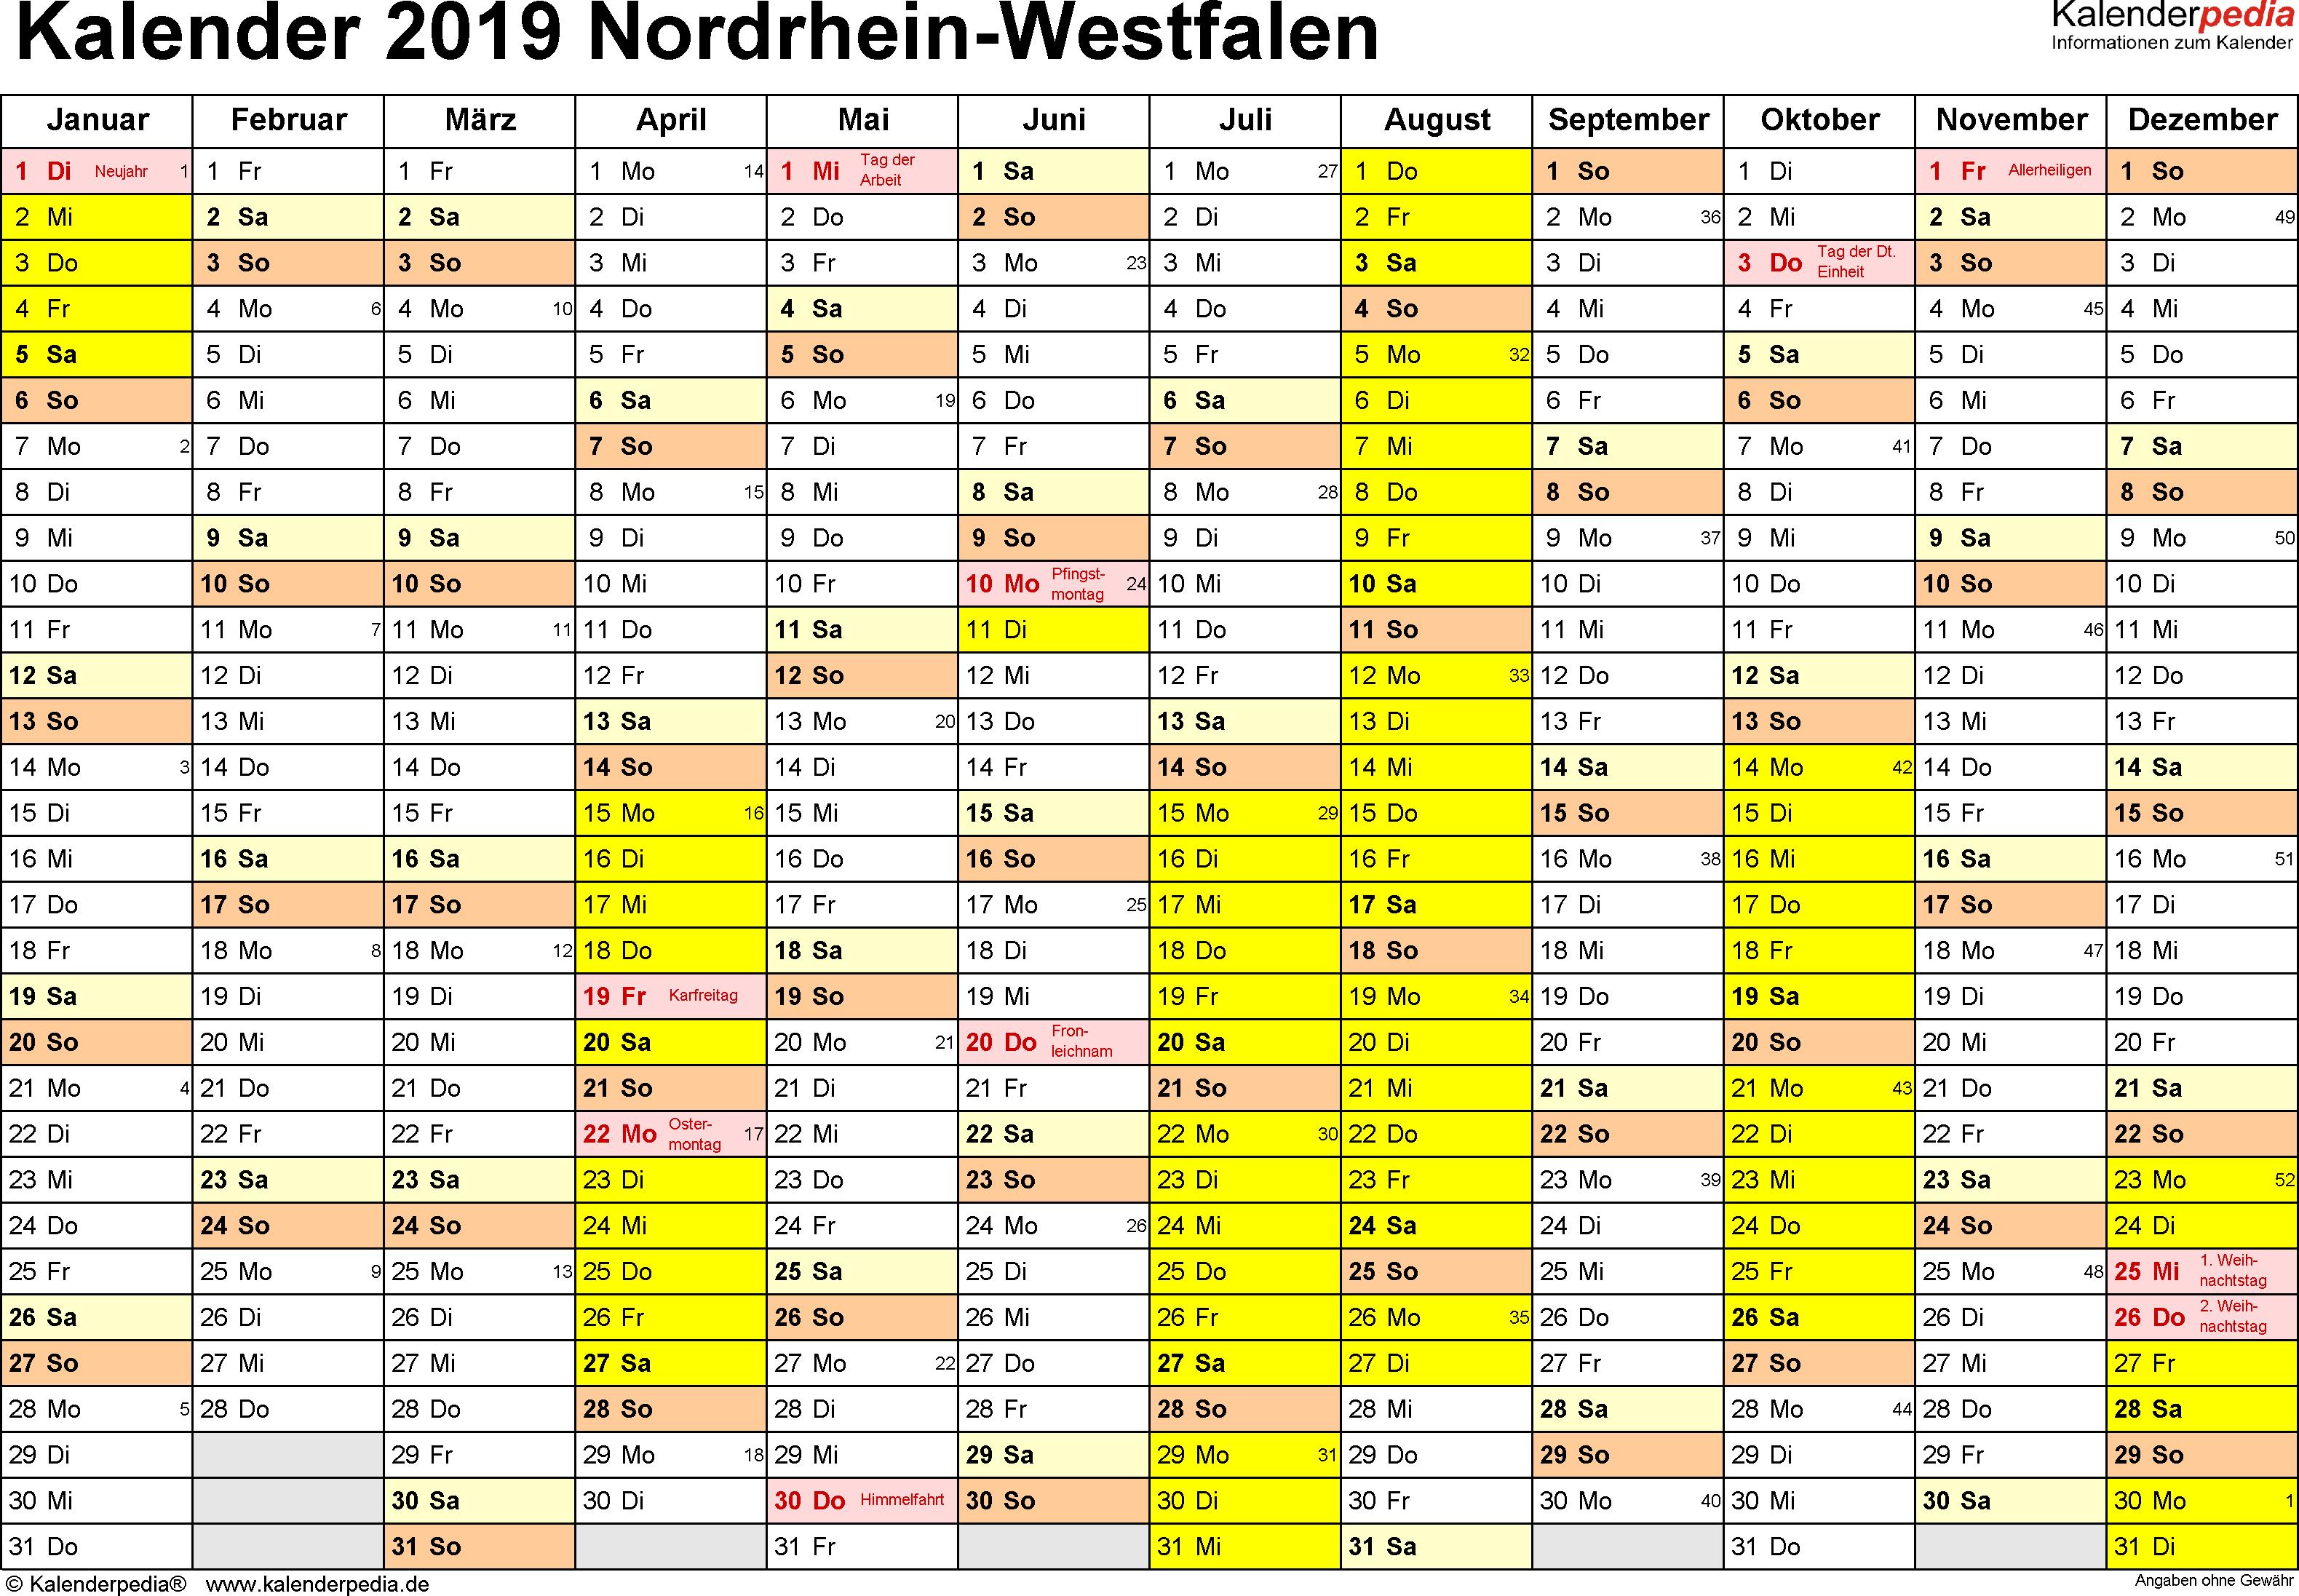 Vorlage 1: Kalender 2019 für Nordrhein-Westfalen (NRW) als Word-Vorlage (Querformat, 1 Seite)